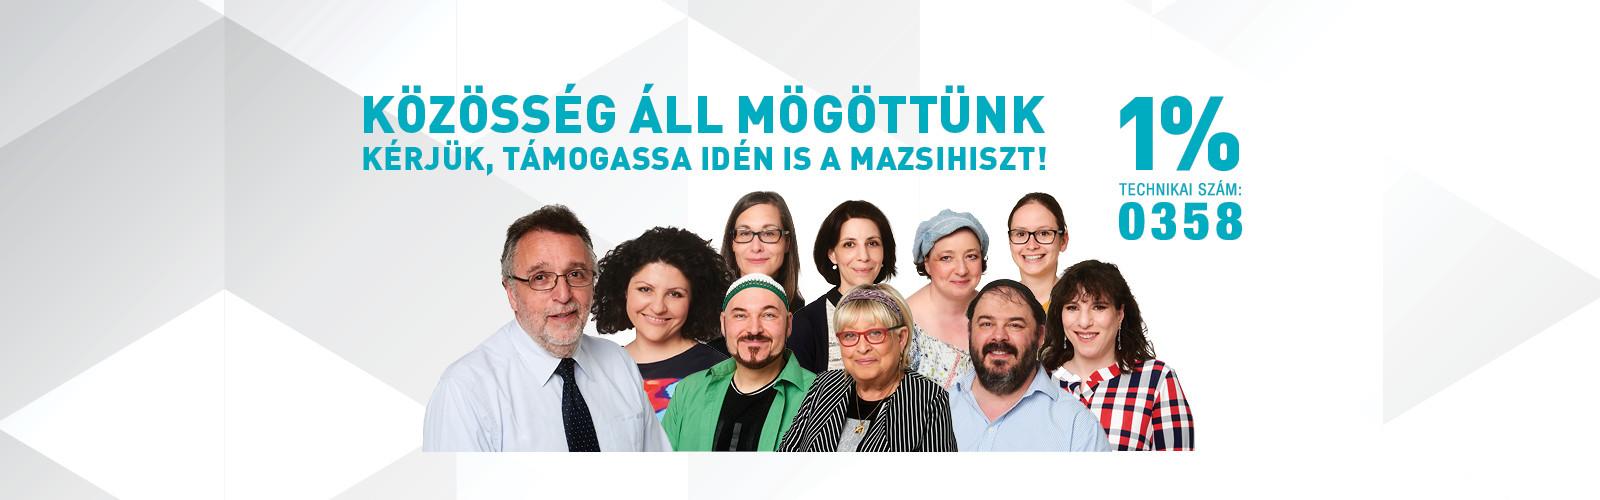 Közösség áll mögöttünk – Támogassuk együtt a Mazsihiszt!